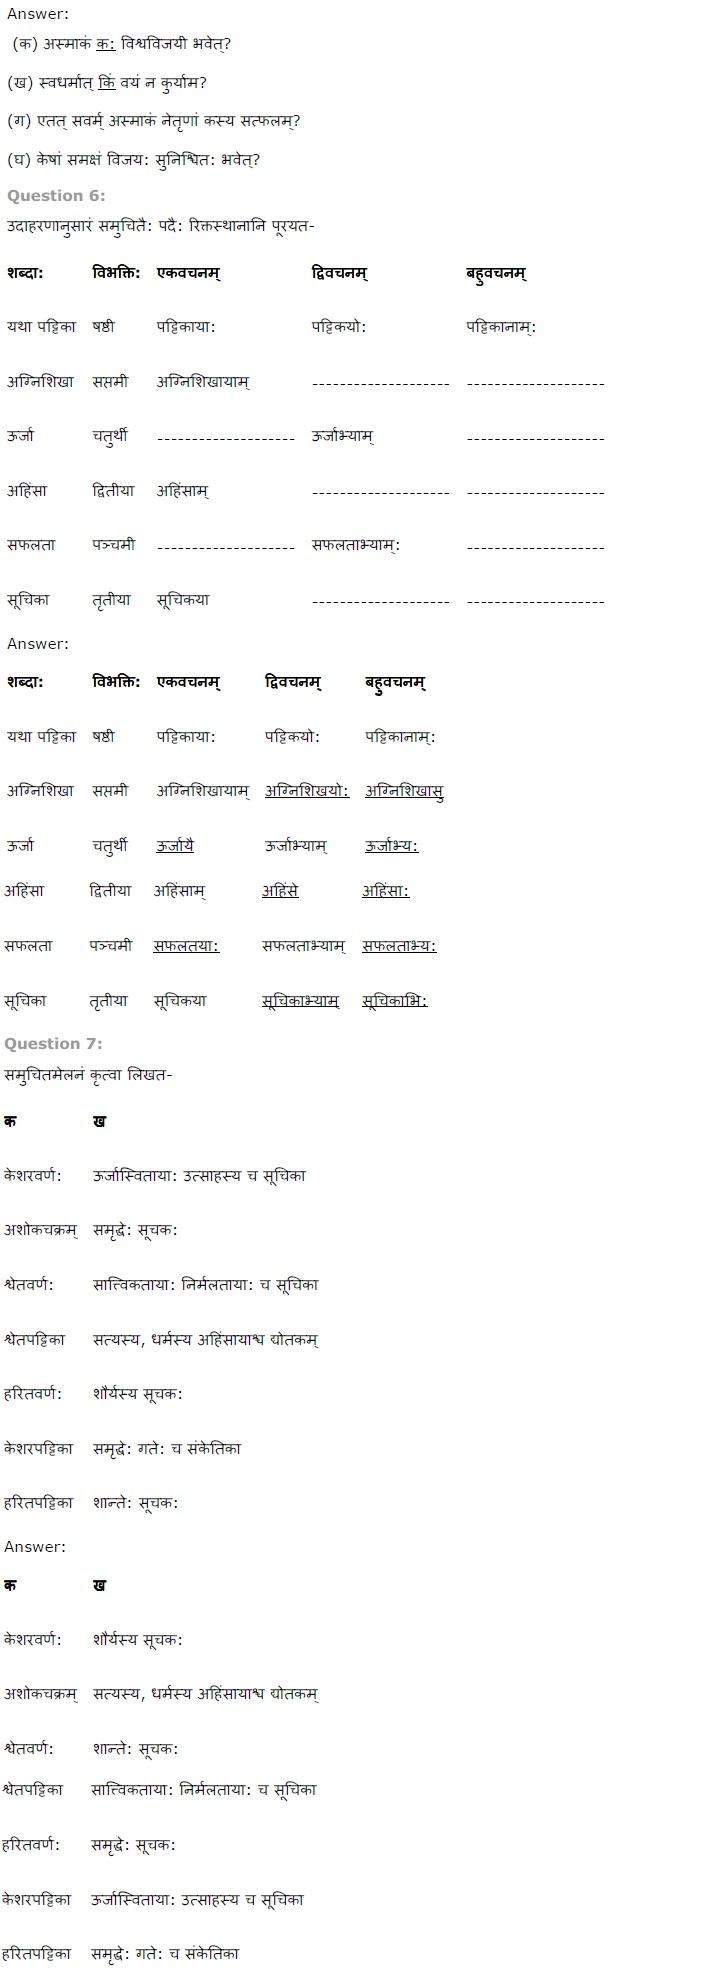 NCERT Solutions for Class 7th Sanskrit Chapter 8 - त्रिवर्ण ध्वज